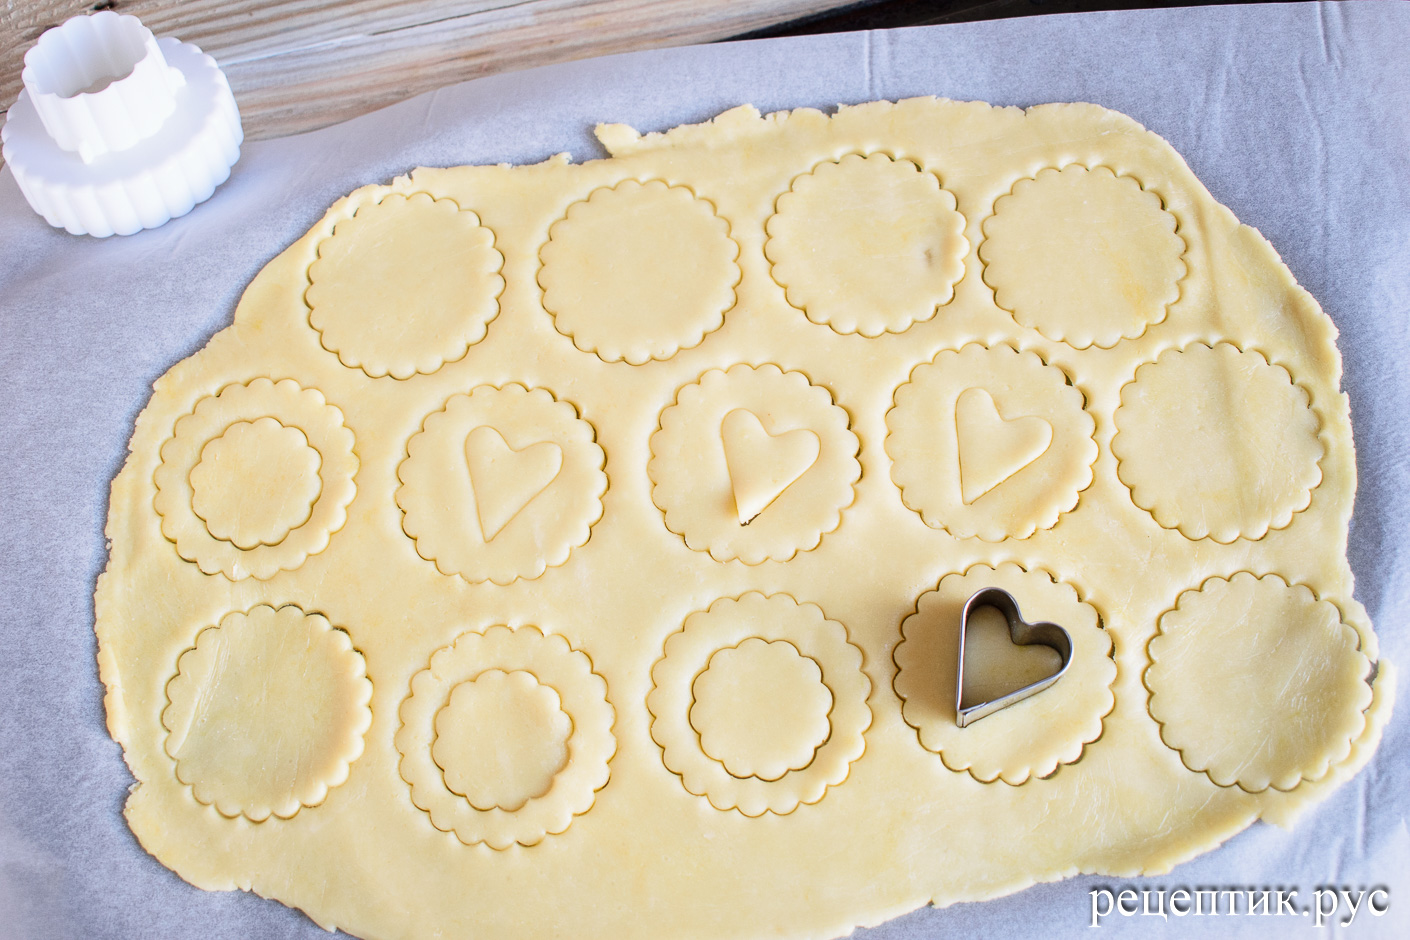 Линцерское печенье - рецепт с фото, шаг 6